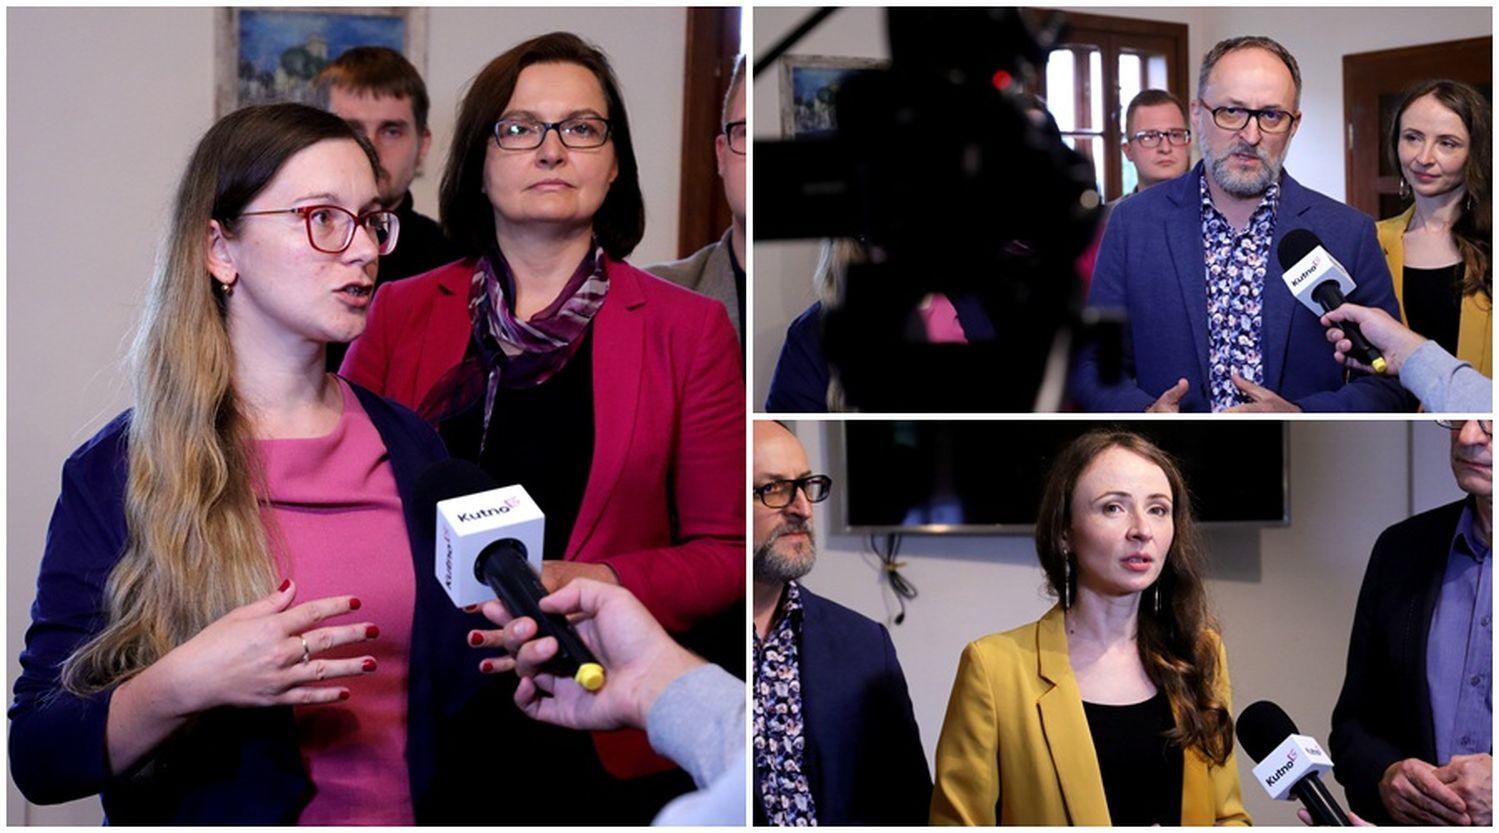 """W Kutnie rozmawiali o szkołach. """"Minister Czarnek walczy z urojoną ideologią LGBT, lewactwem i wrogami chrześcijaństwa"""" [ZDJĘCIA/WIDEO] - Zdjęcie główne"""